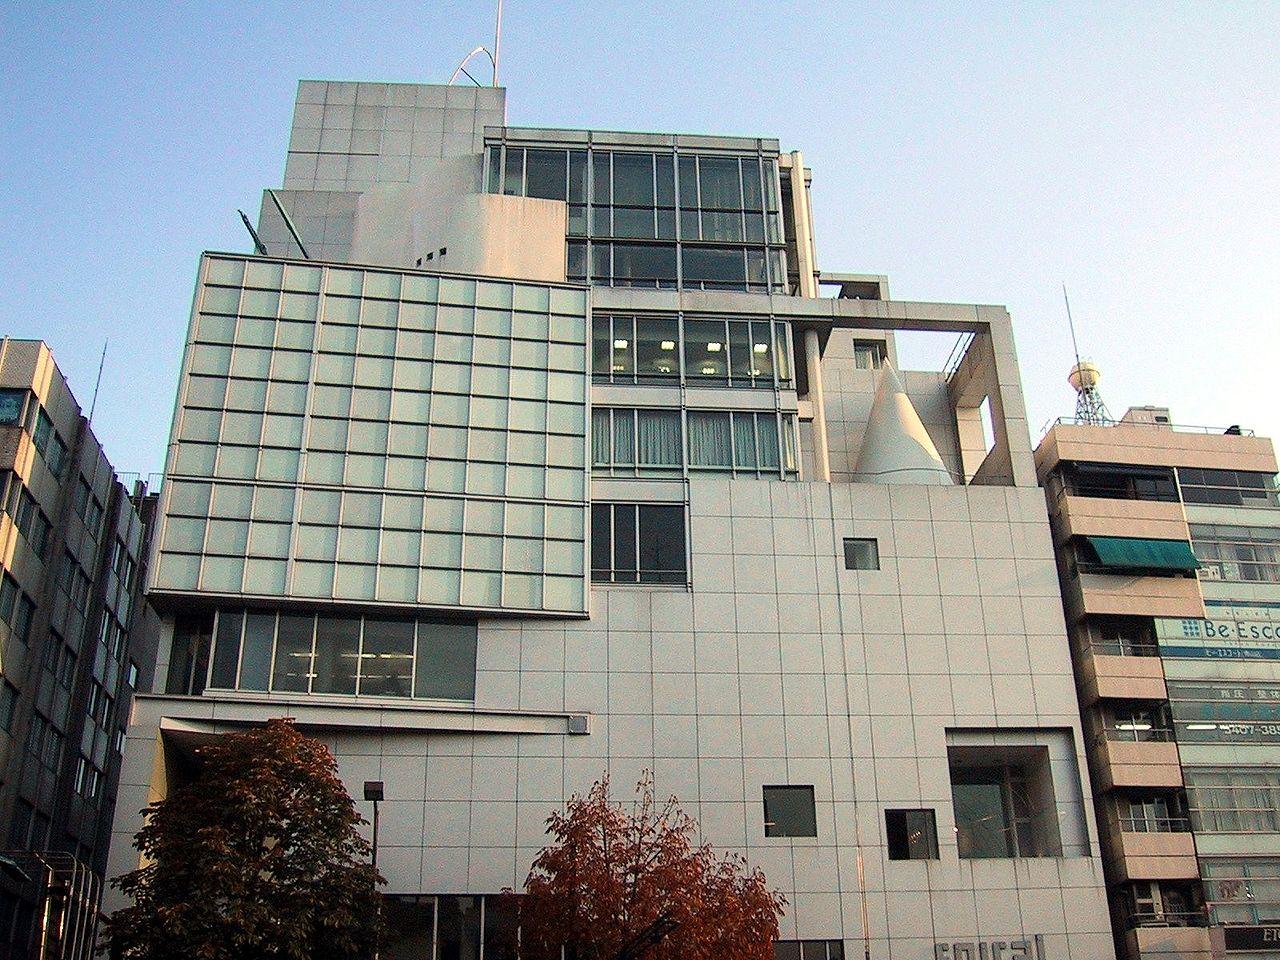 1280px-Spiral_house_Tokyo.jpg